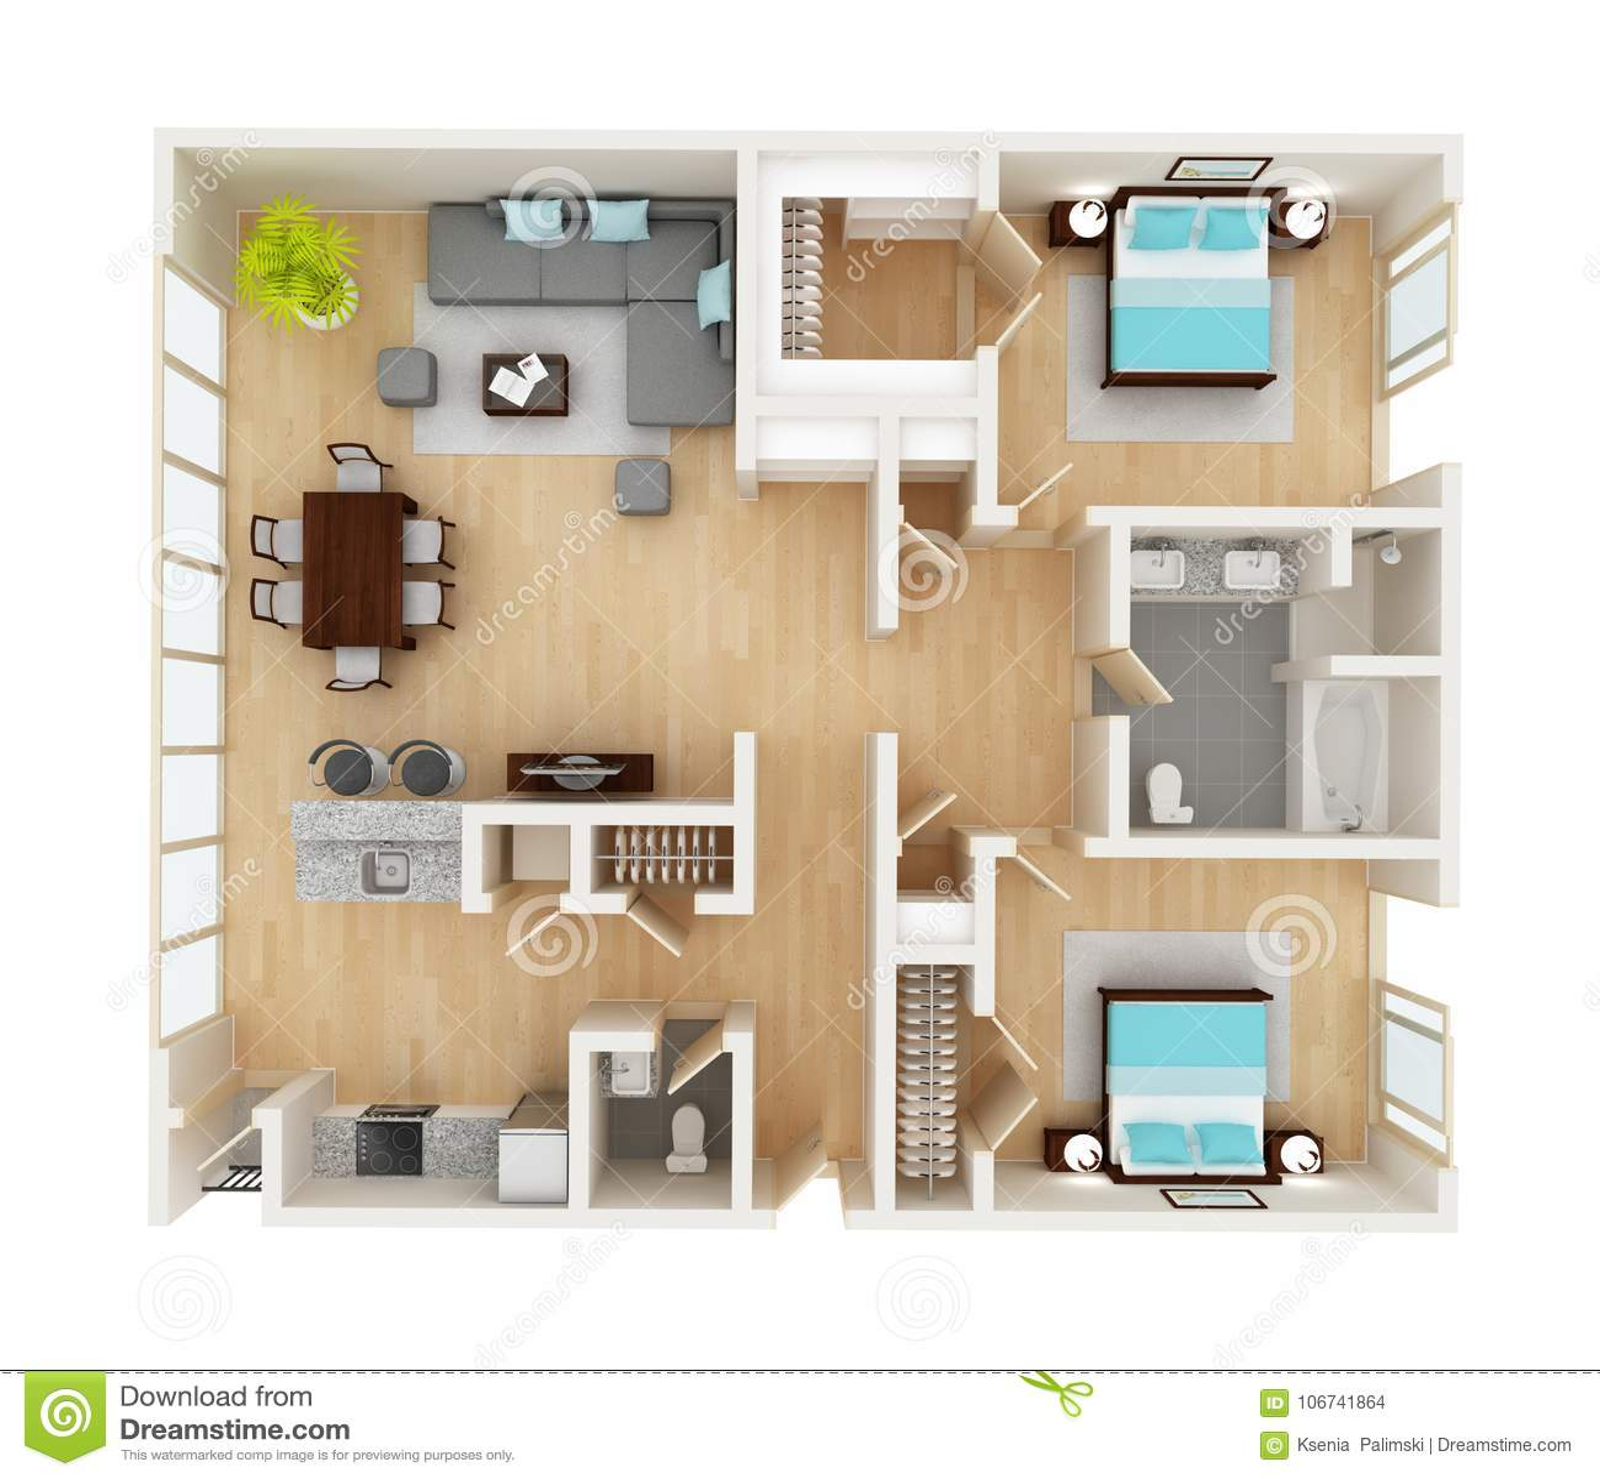 Best Sites For Apartments: Plan D'étage D'une Vue Supérieure De Maison Illustration